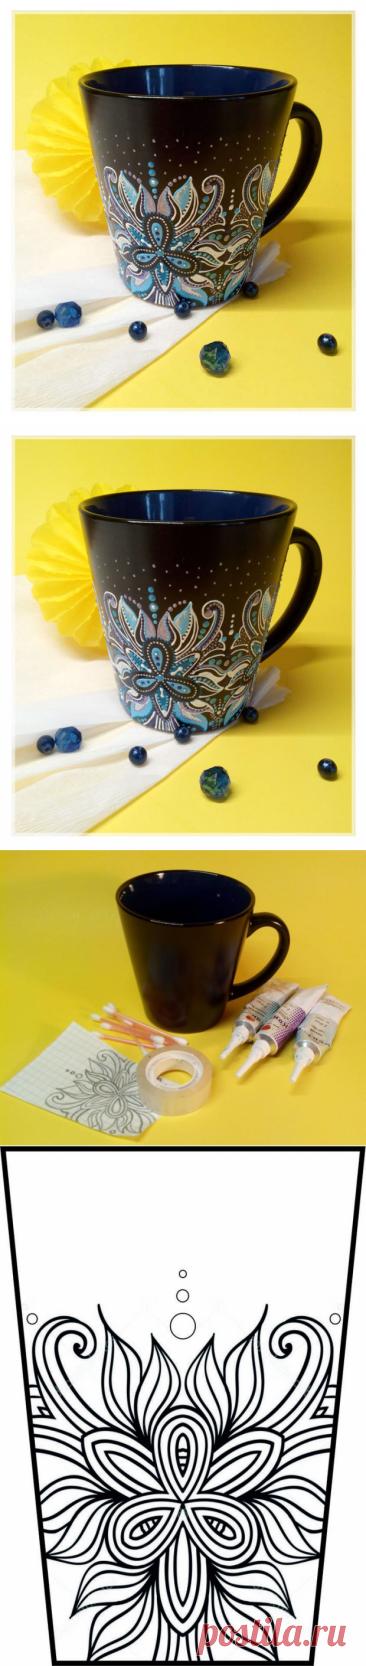 Мастер-класс: роспись чашки контурами Спешу с вами поделиться мастер-классом по росписи чашки. Будет легко и интересно.... Читай дальше на сайте. Жми подробнее ➡